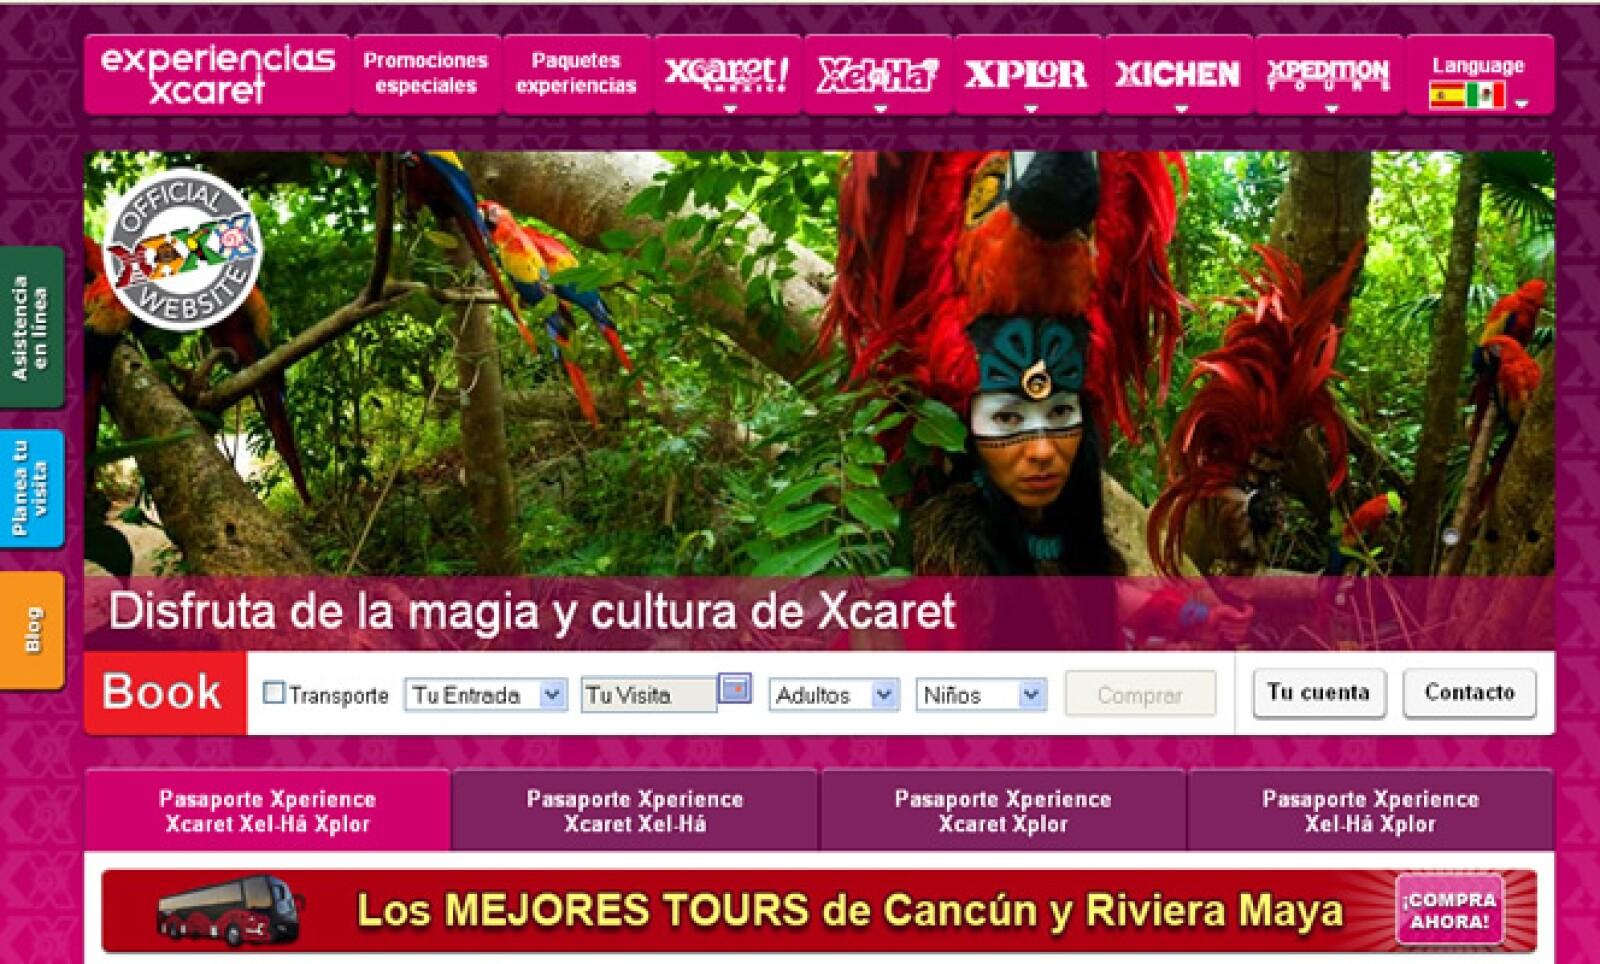 El portal Experiencias Xcaret, integra los tres parques de la empresa y tours, generando así ventas directas y un mayor posicionamiento de marca.